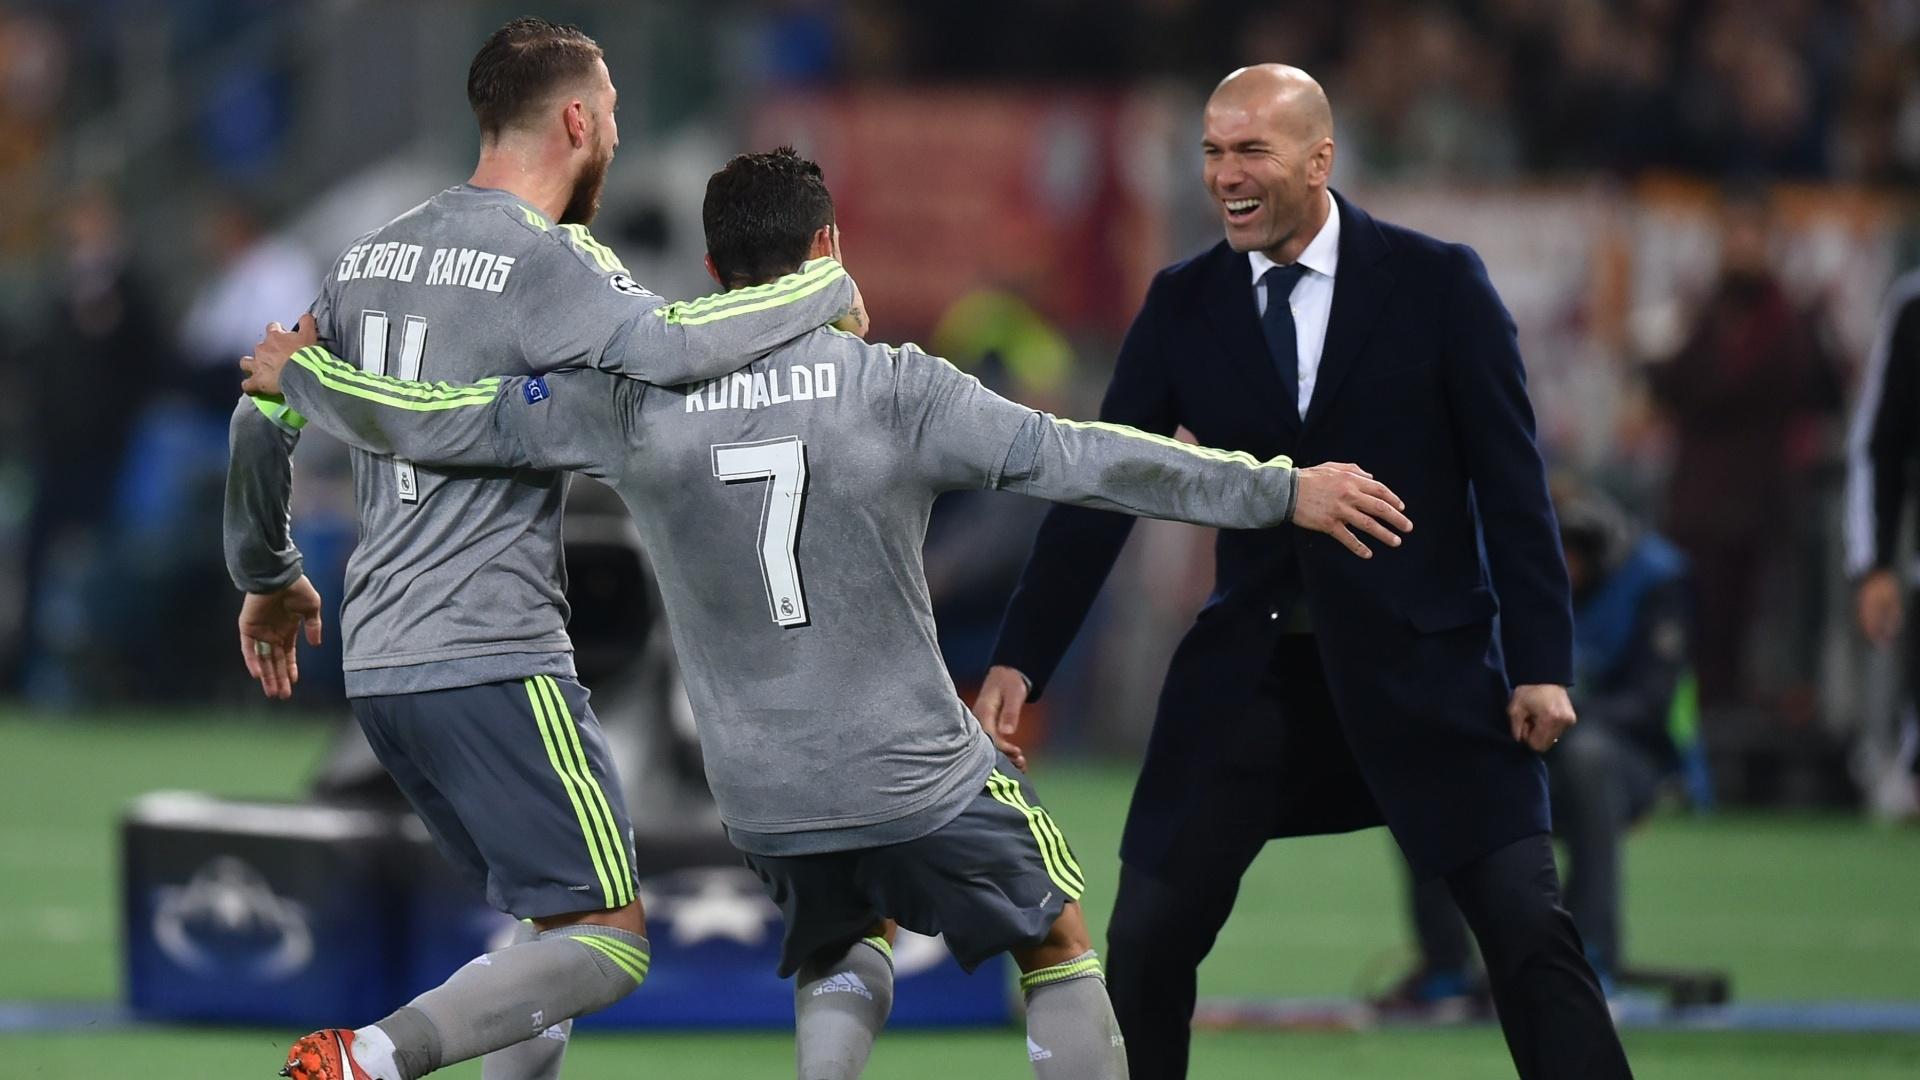 Cristiano Ronaldo comemora com Sergio Ramos e Zidane após abrir o placar para o Real Madrid contra a Roma